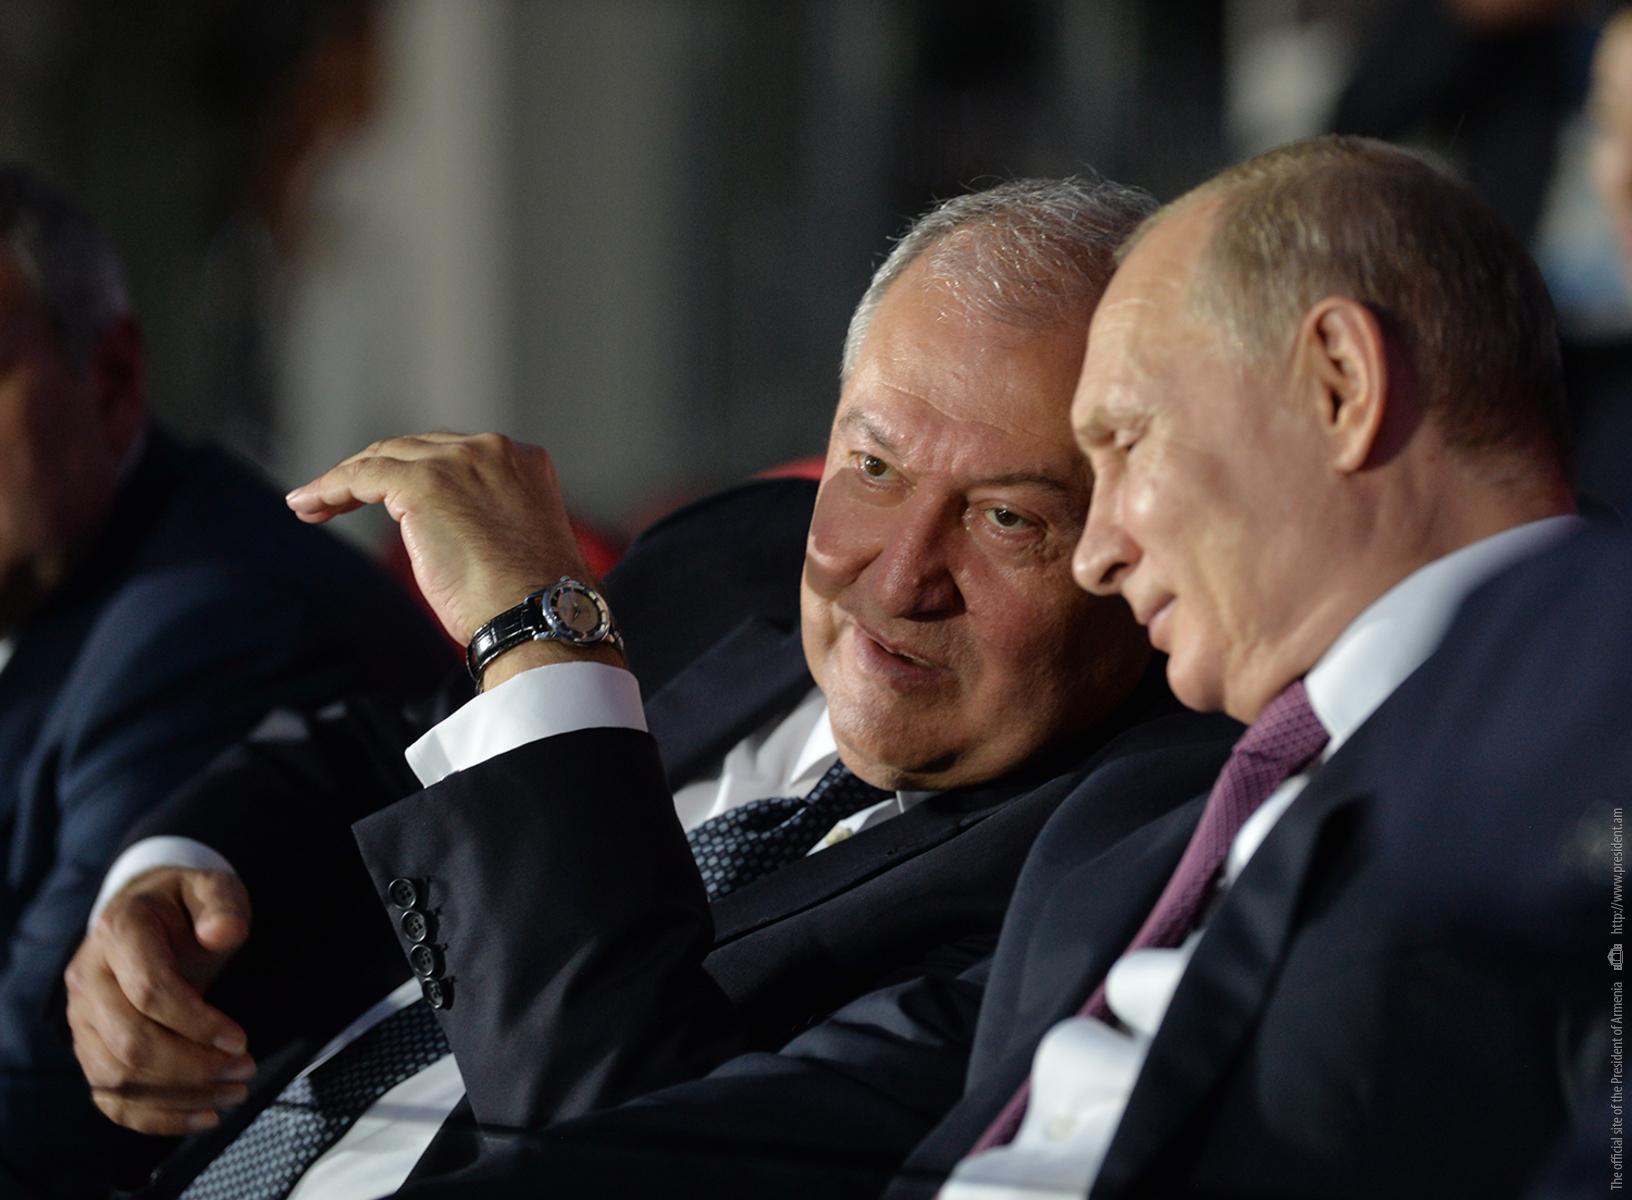 Photo of Մեր երկների հարաբերությունները հիմնվում են բարեկամության և փոխադարձ հարգանքի ավանդույթների վրա. ՌԴ նախագահ Վլադիմիր Պուտինը շնորհավորել է նախագահ Արմեն Սարգսյանին